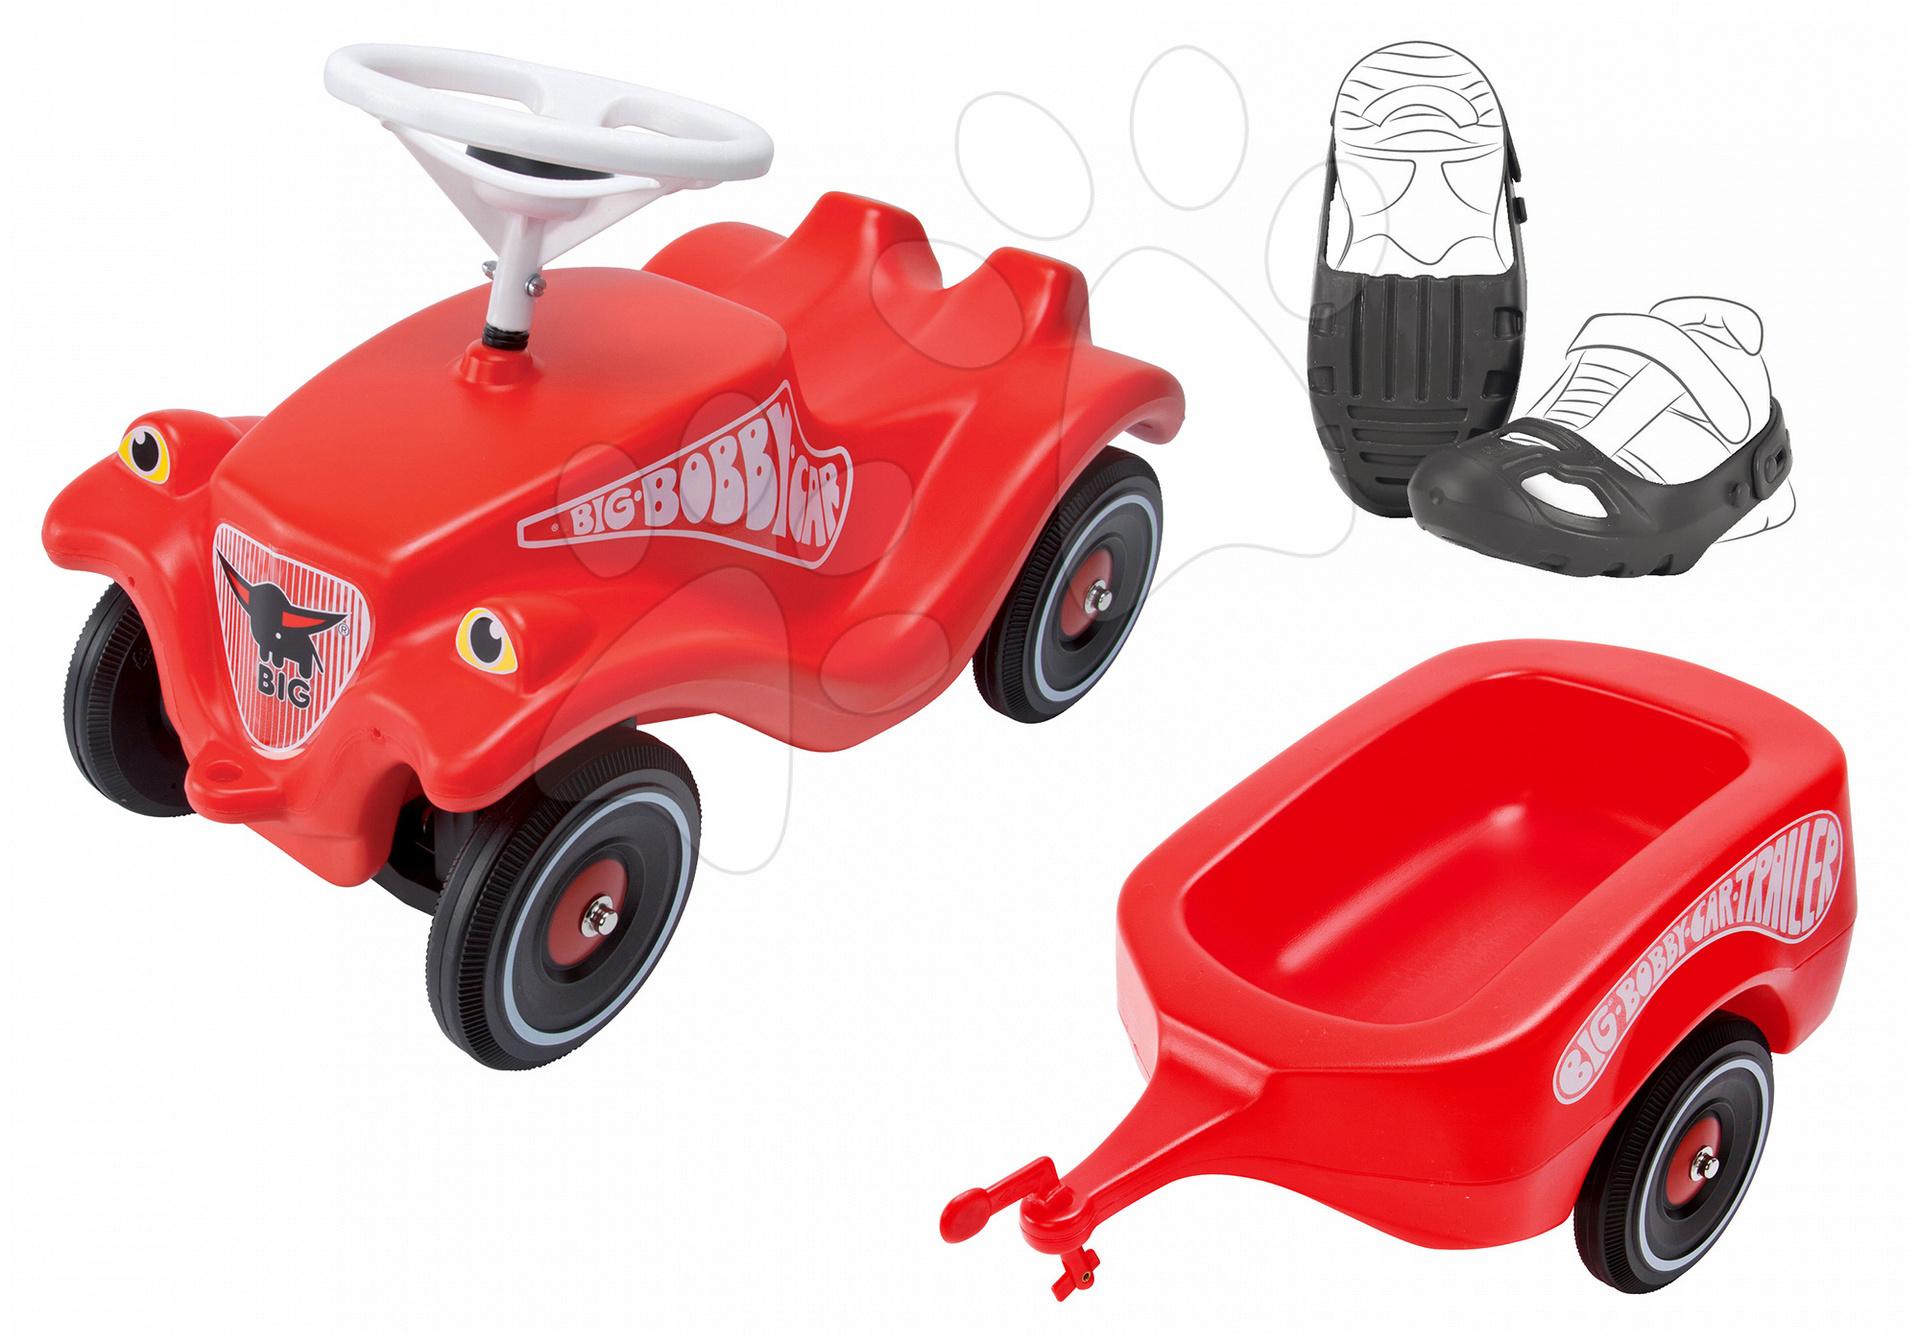 BIG set odrážedlo Bobby Classic, přívěsný vozík a ochranné návleky 01303-14